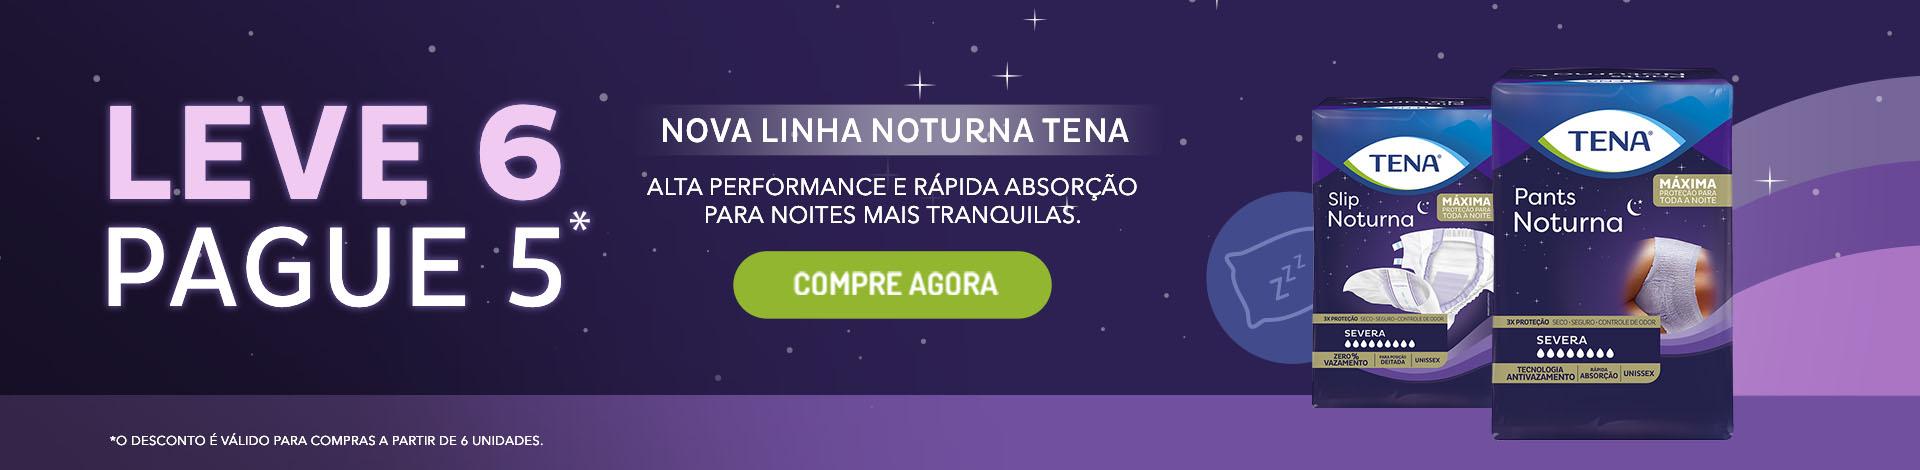 bn-slide-aurora